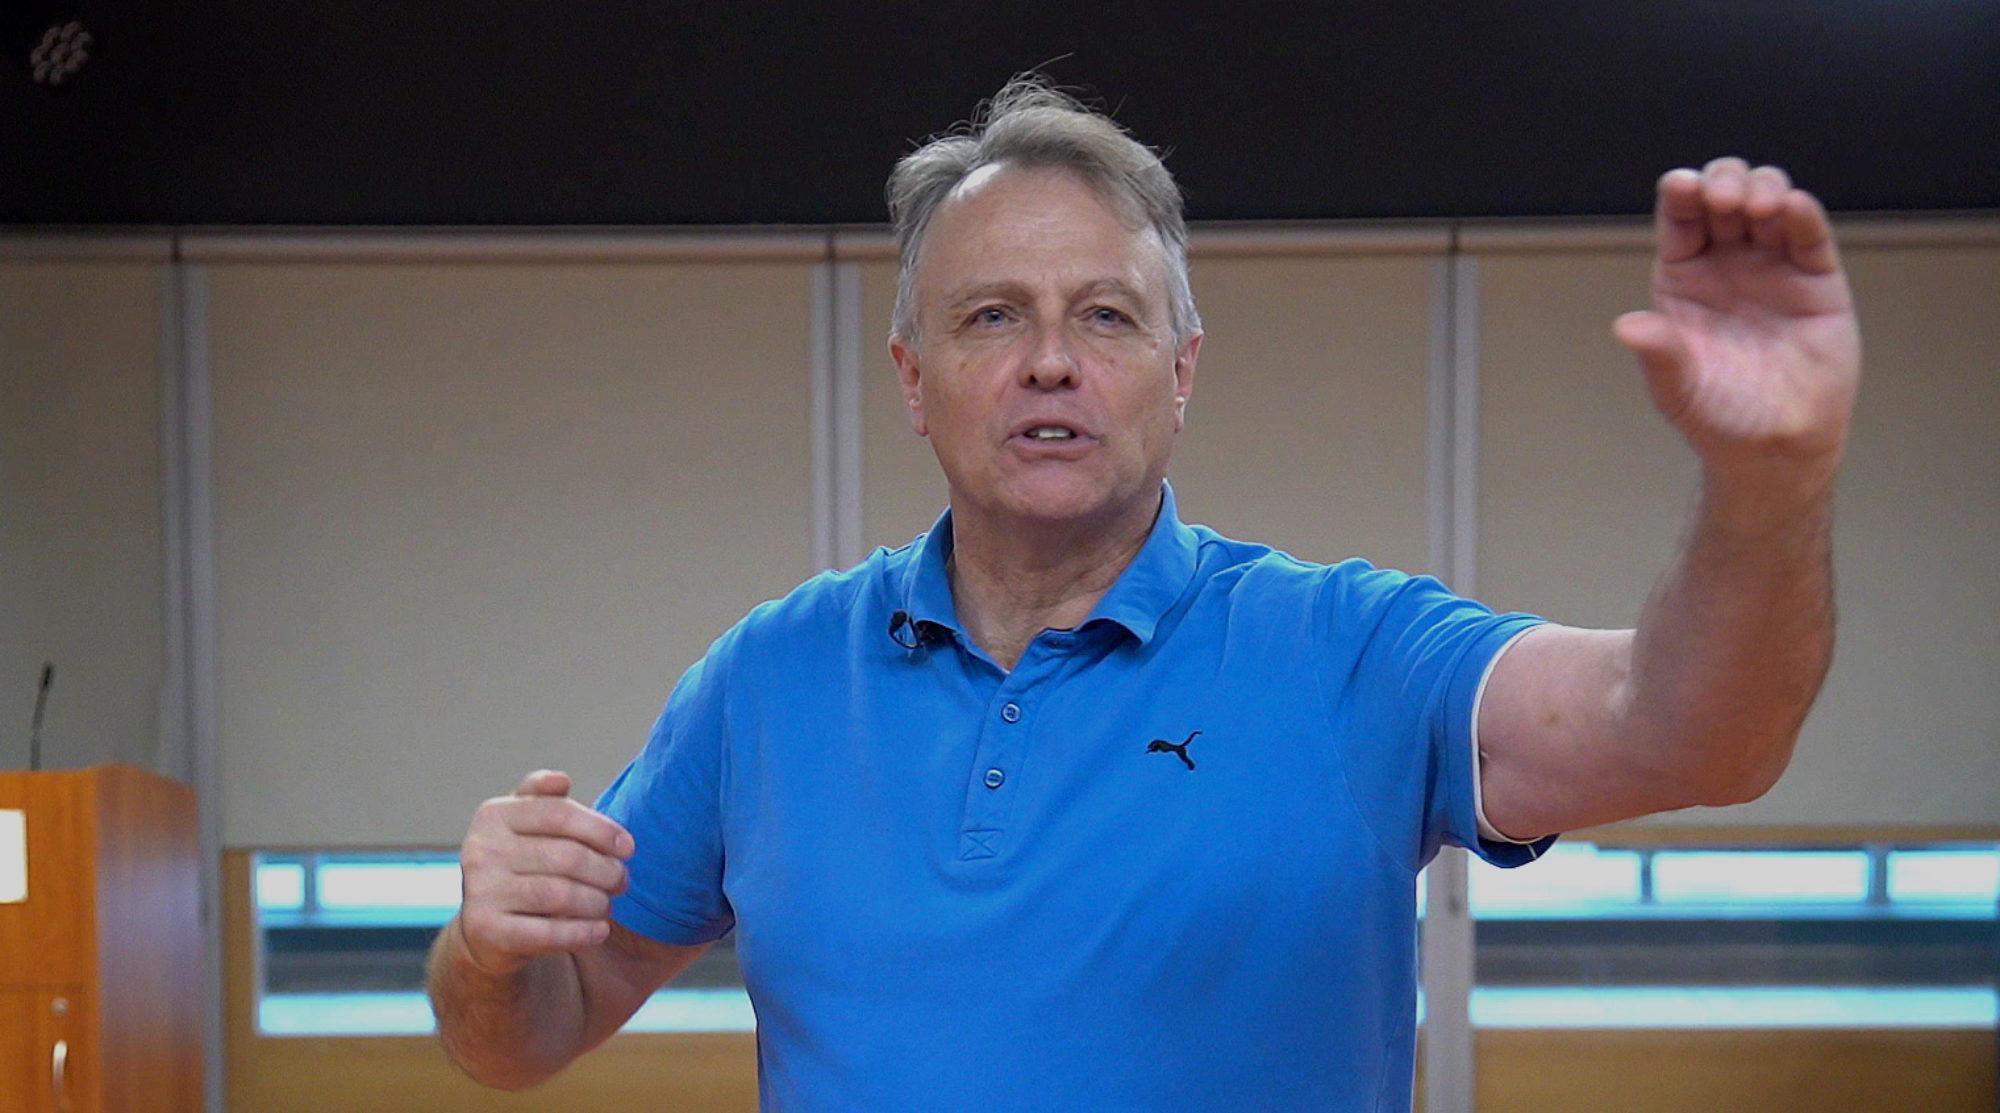 Richard Hudson, Keynote Speaker & Adventurer